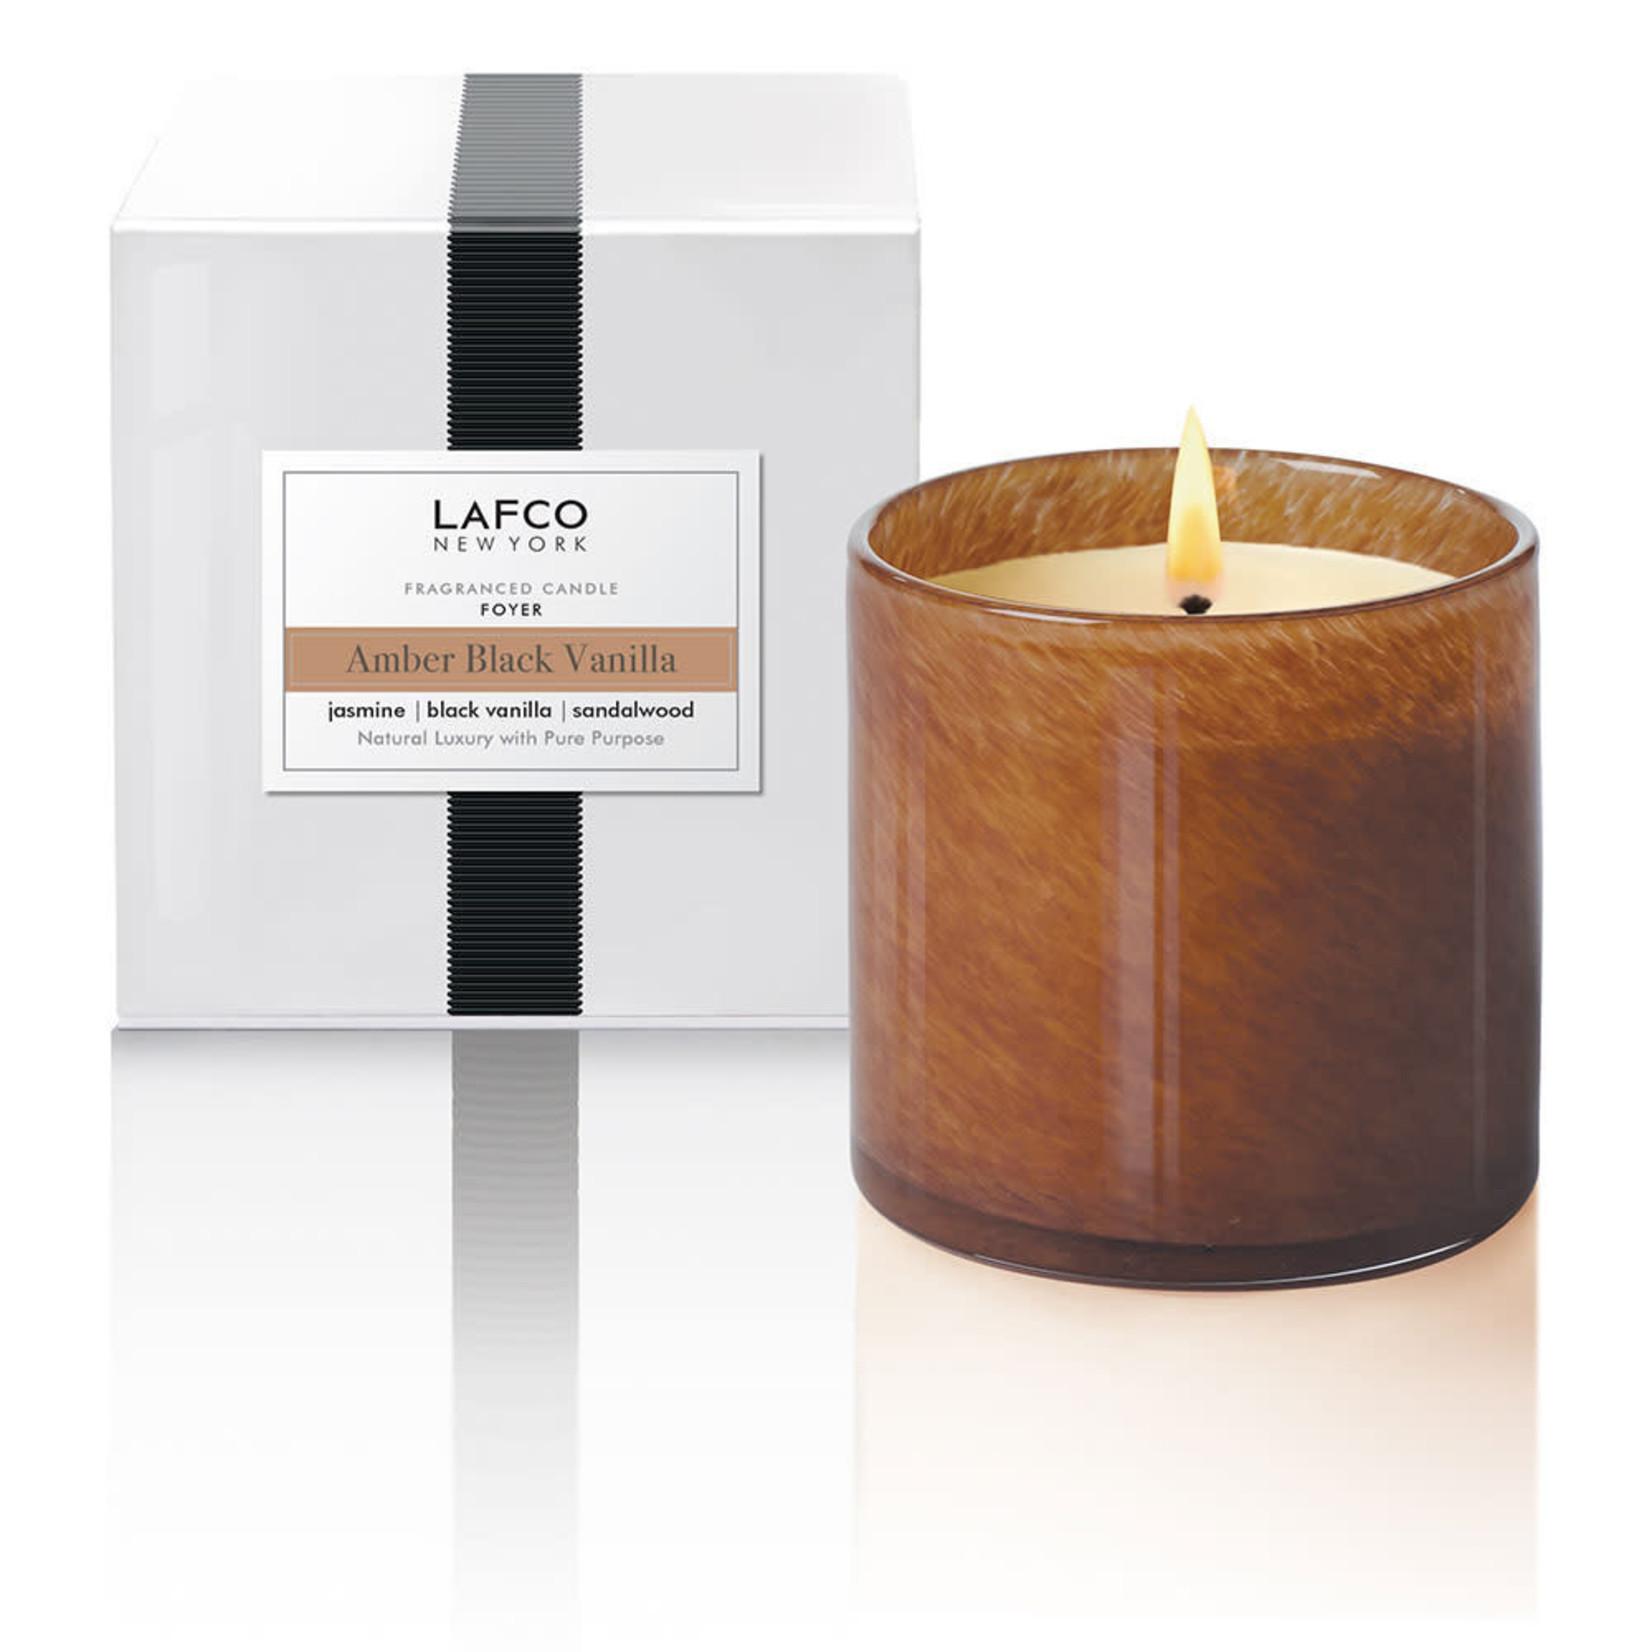 Lafco Amber Black Vanilla Signature Candle